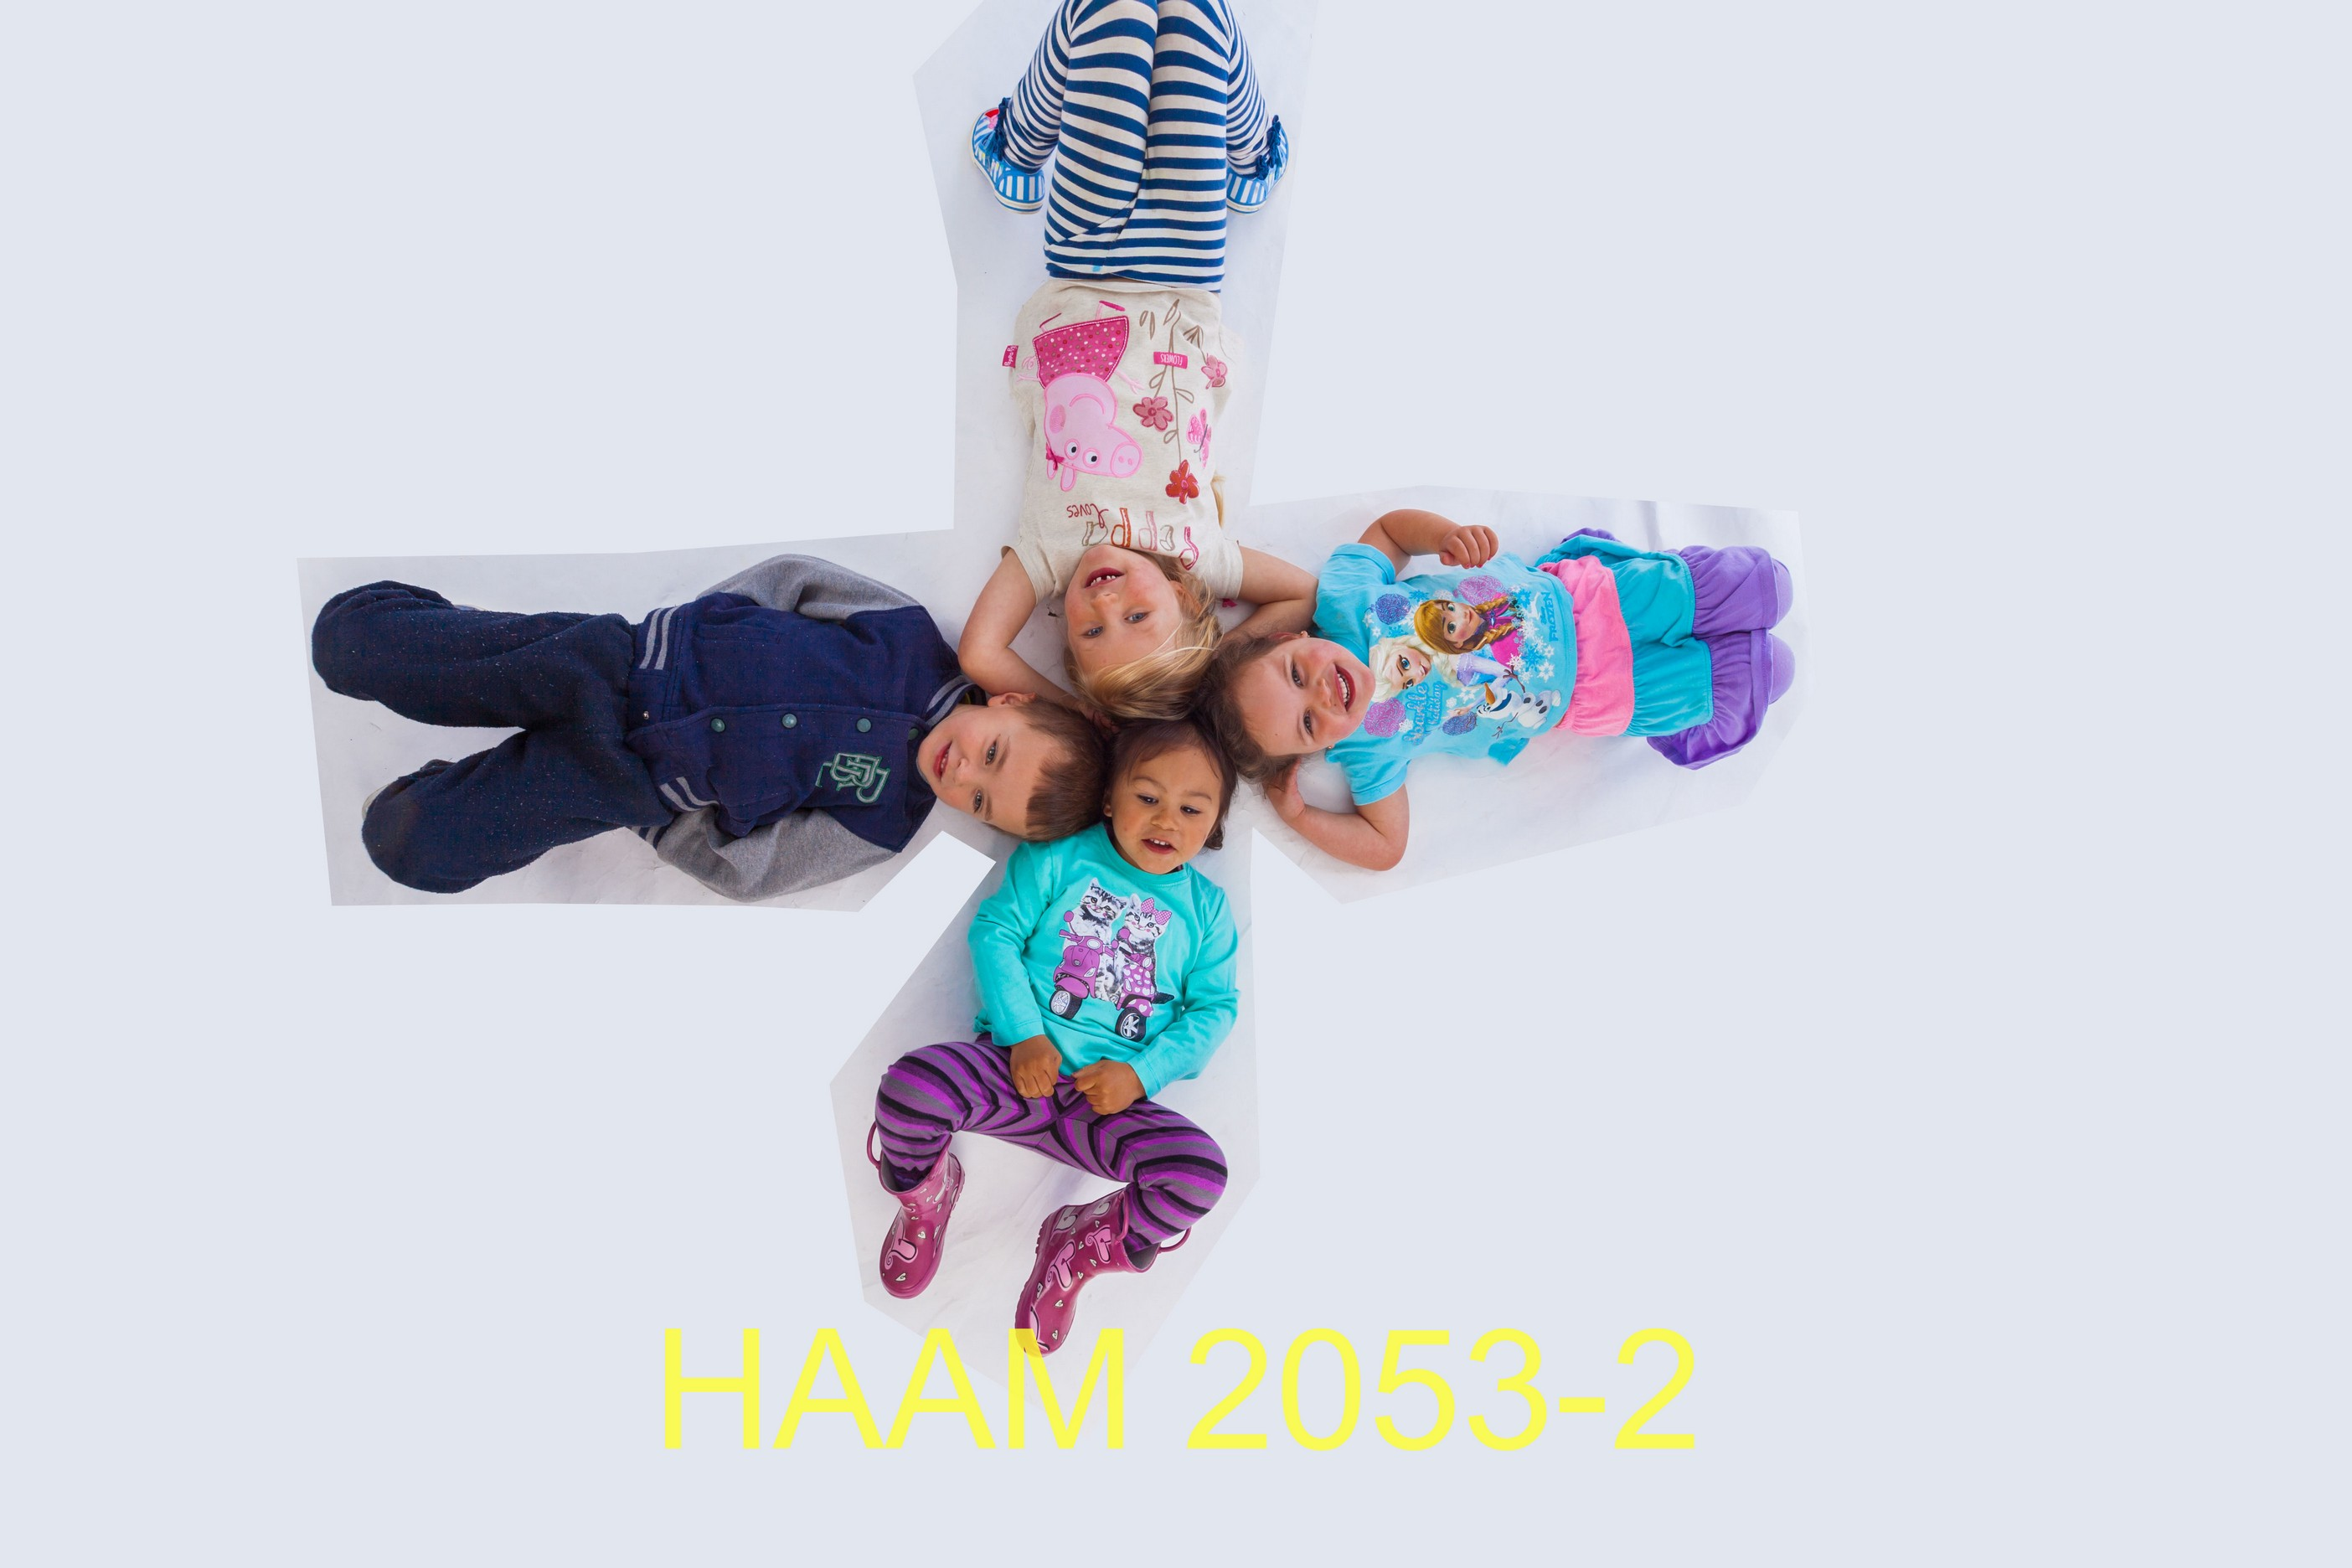 HAAM 2053-2